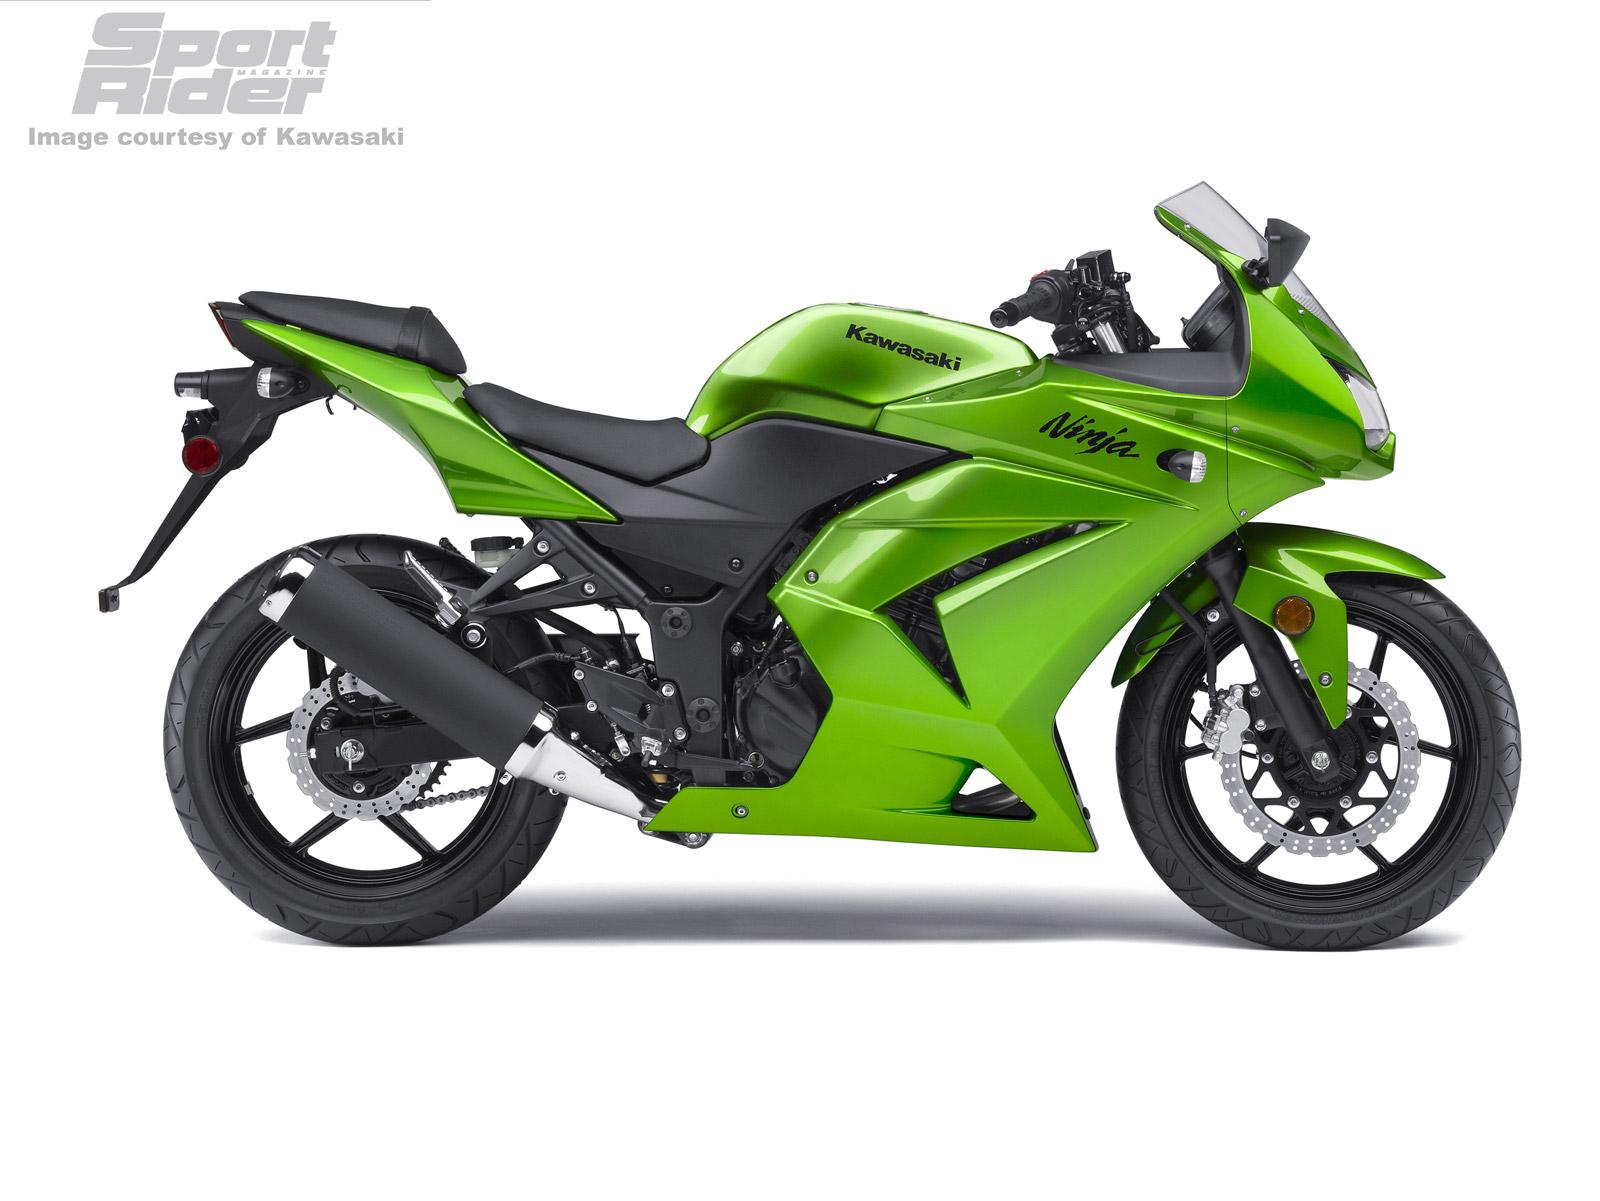 KAWASAKI NINJA -10R green